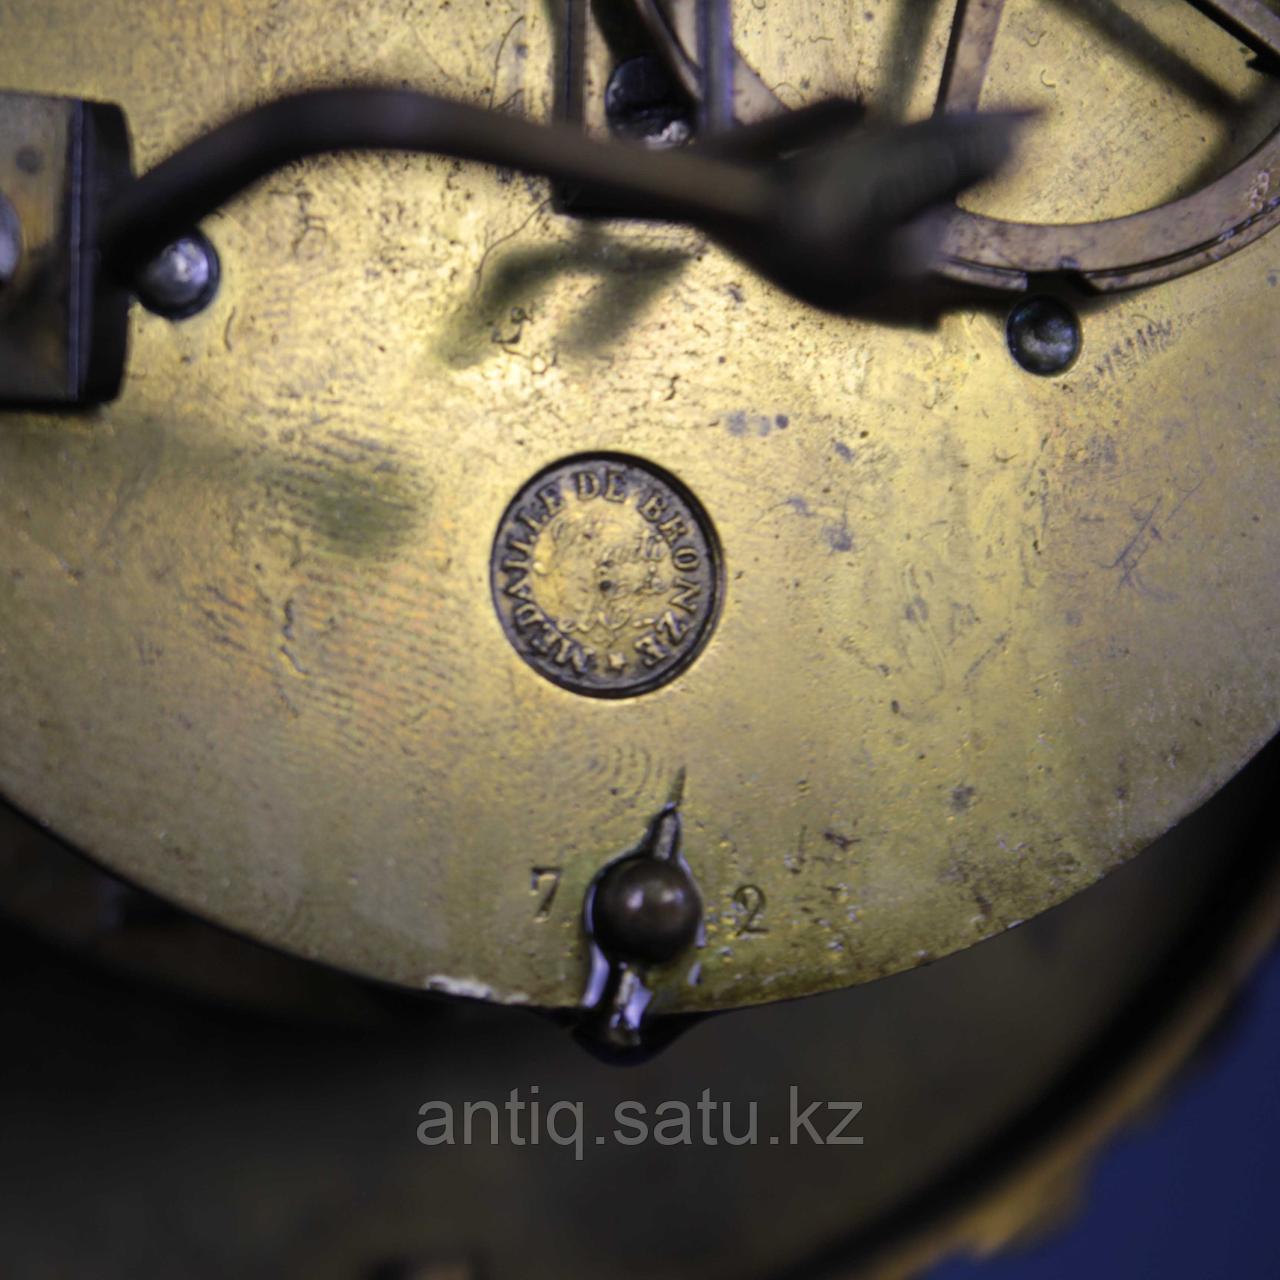 Кабинетные часы в стиле Карла Х. Часовая мастерская Samuel Marti & Cie - фото 7